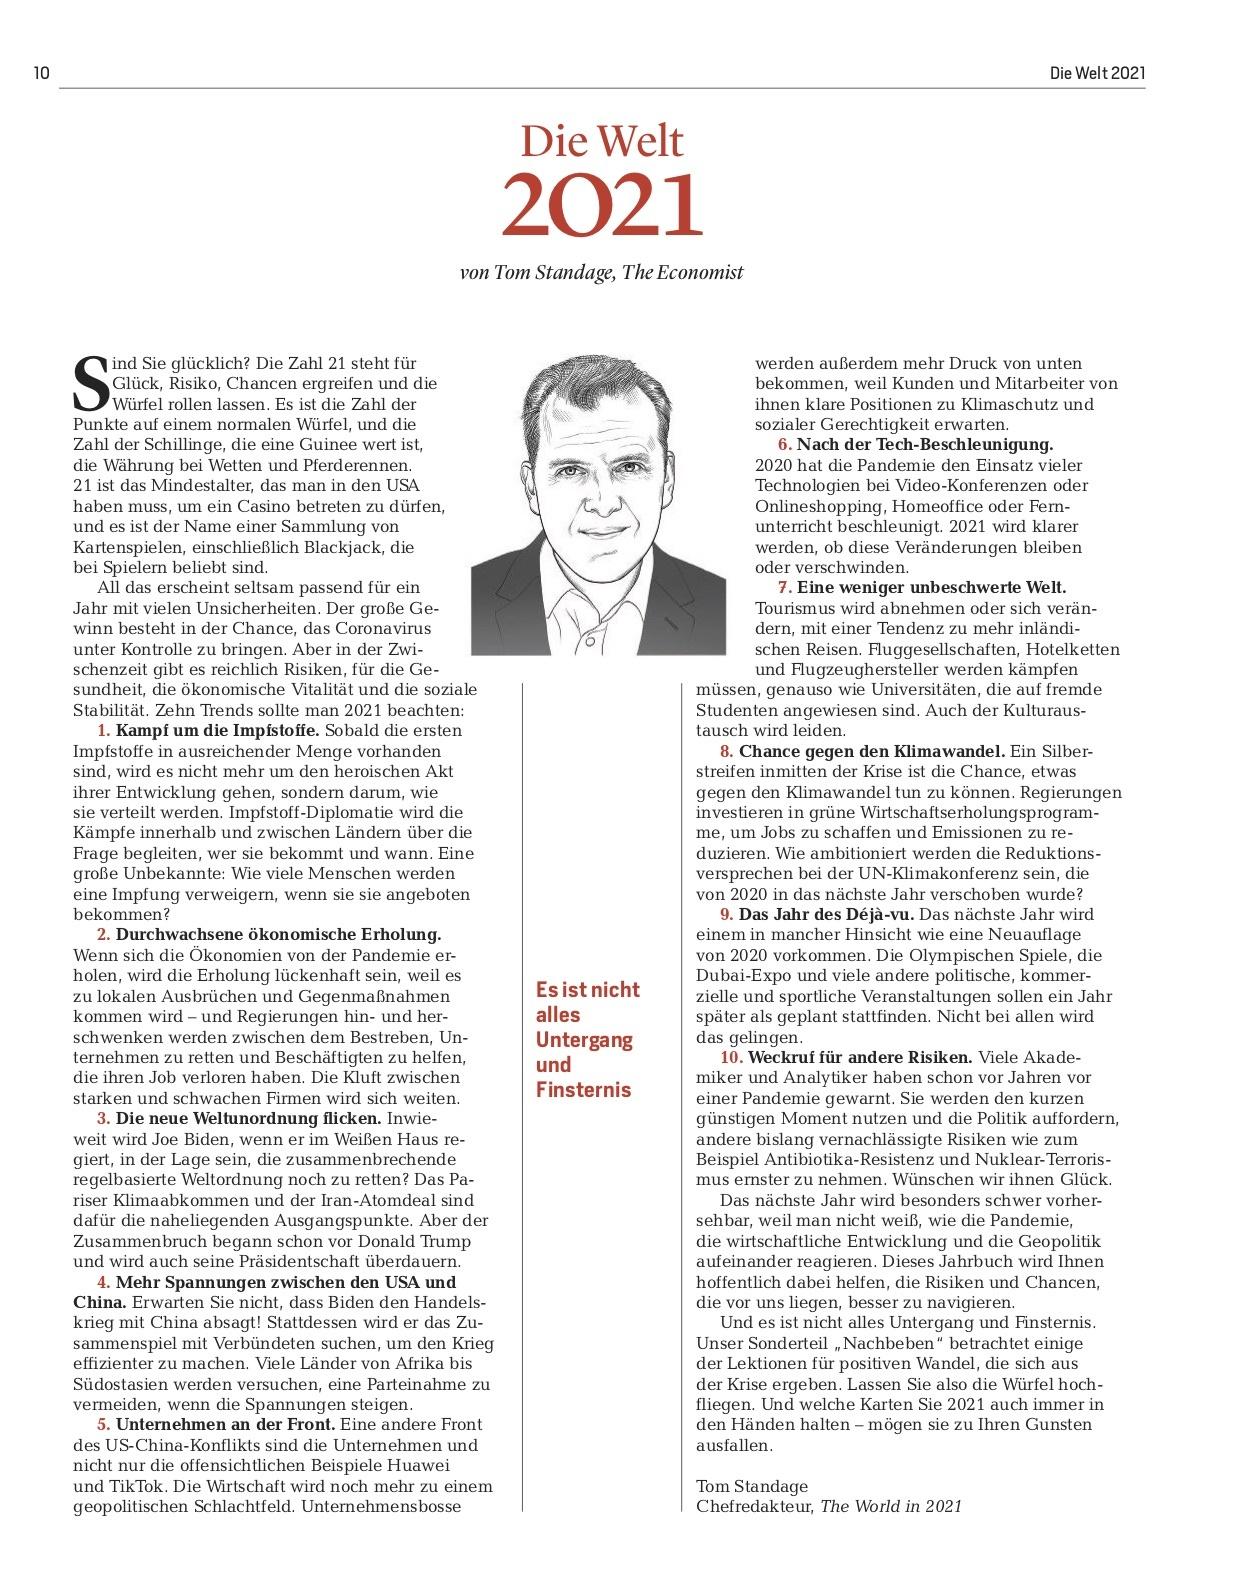 FOCUS Magazin FOCUS & The Economist - Die Welt 2021